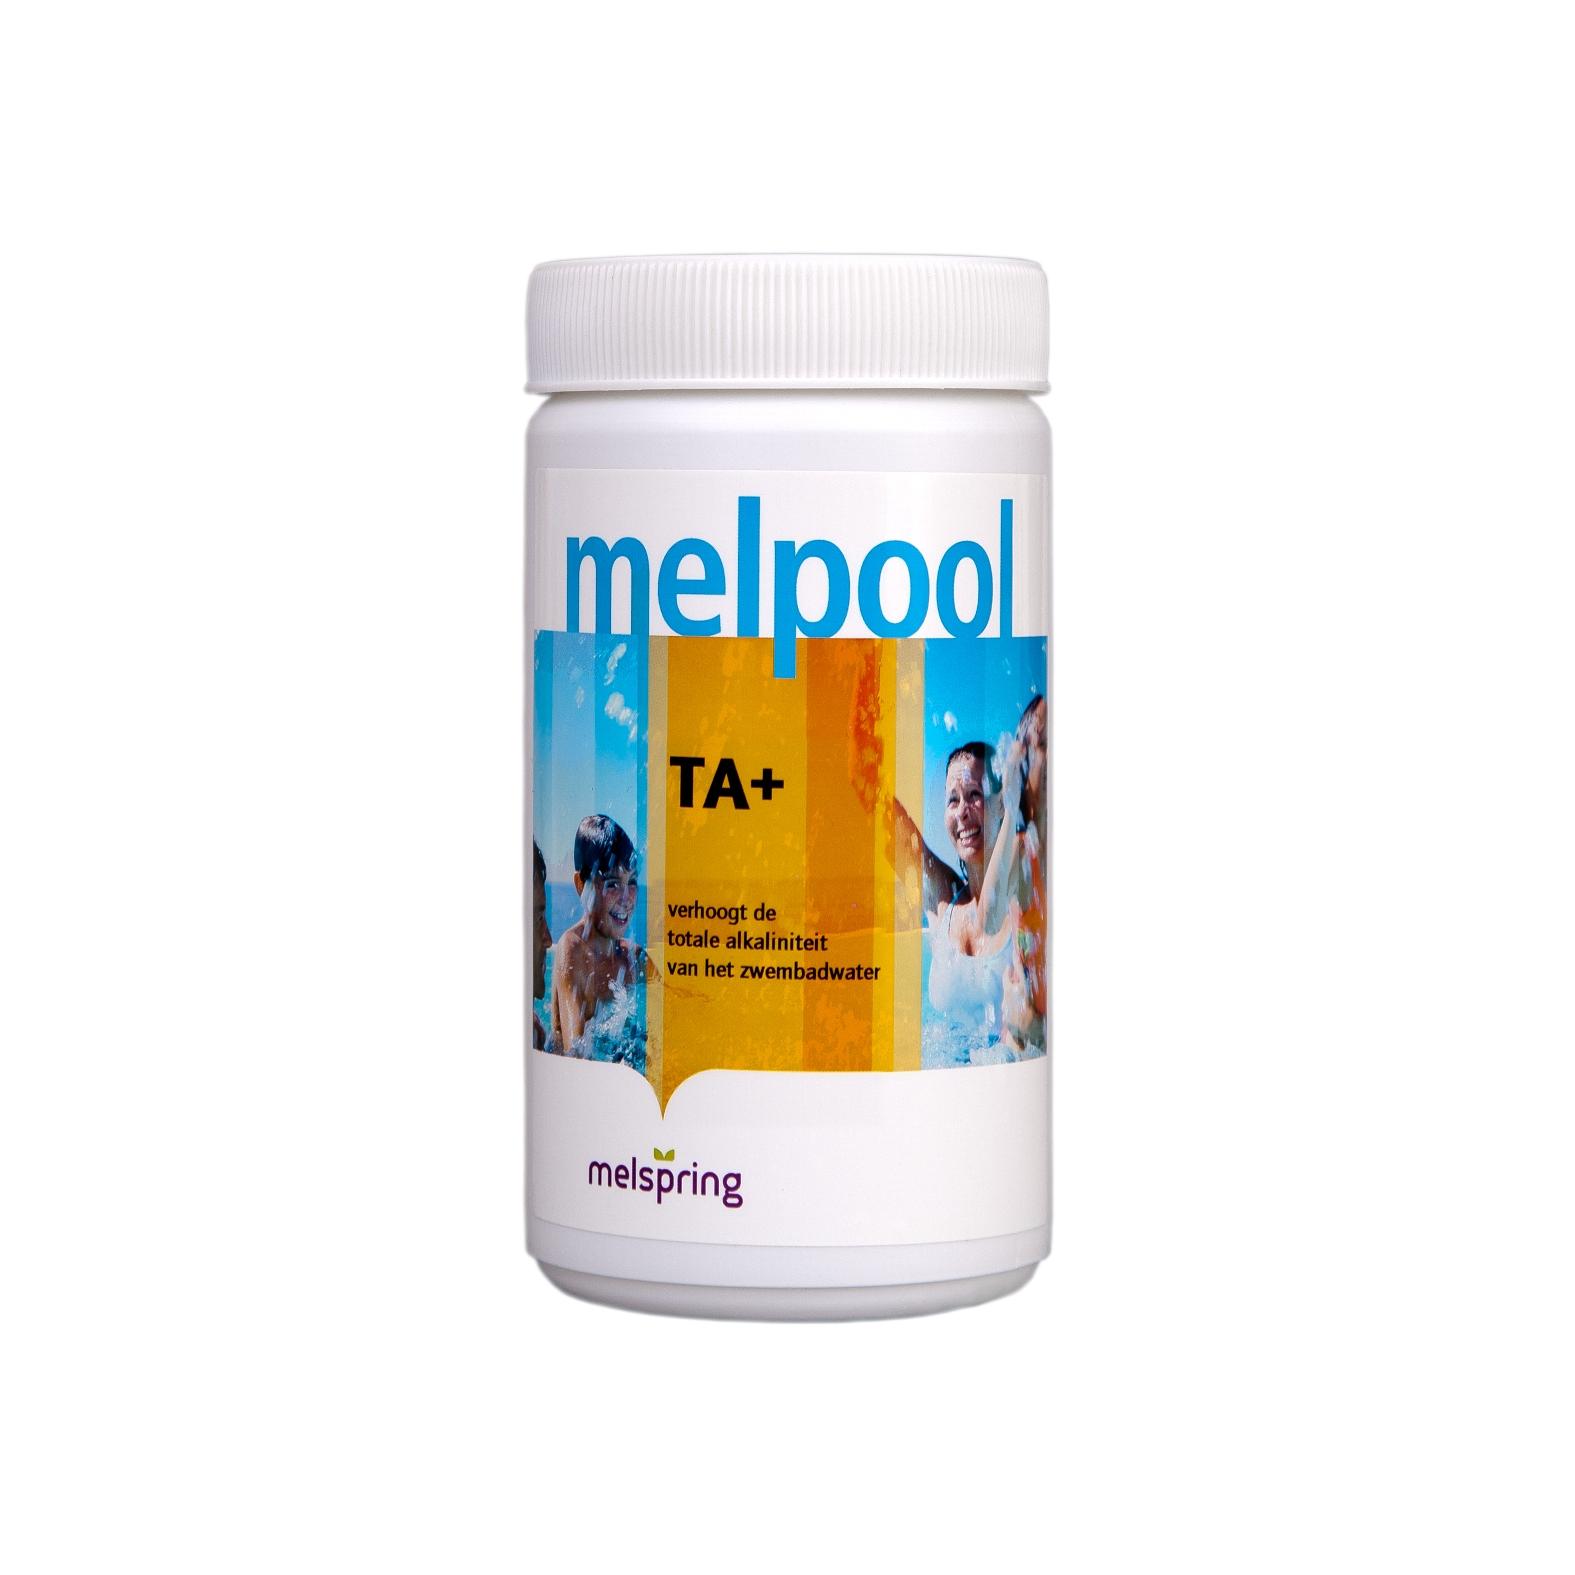 Melpool TA+ alkaliniteitsverhoger voor jacuzzi, 1 kg